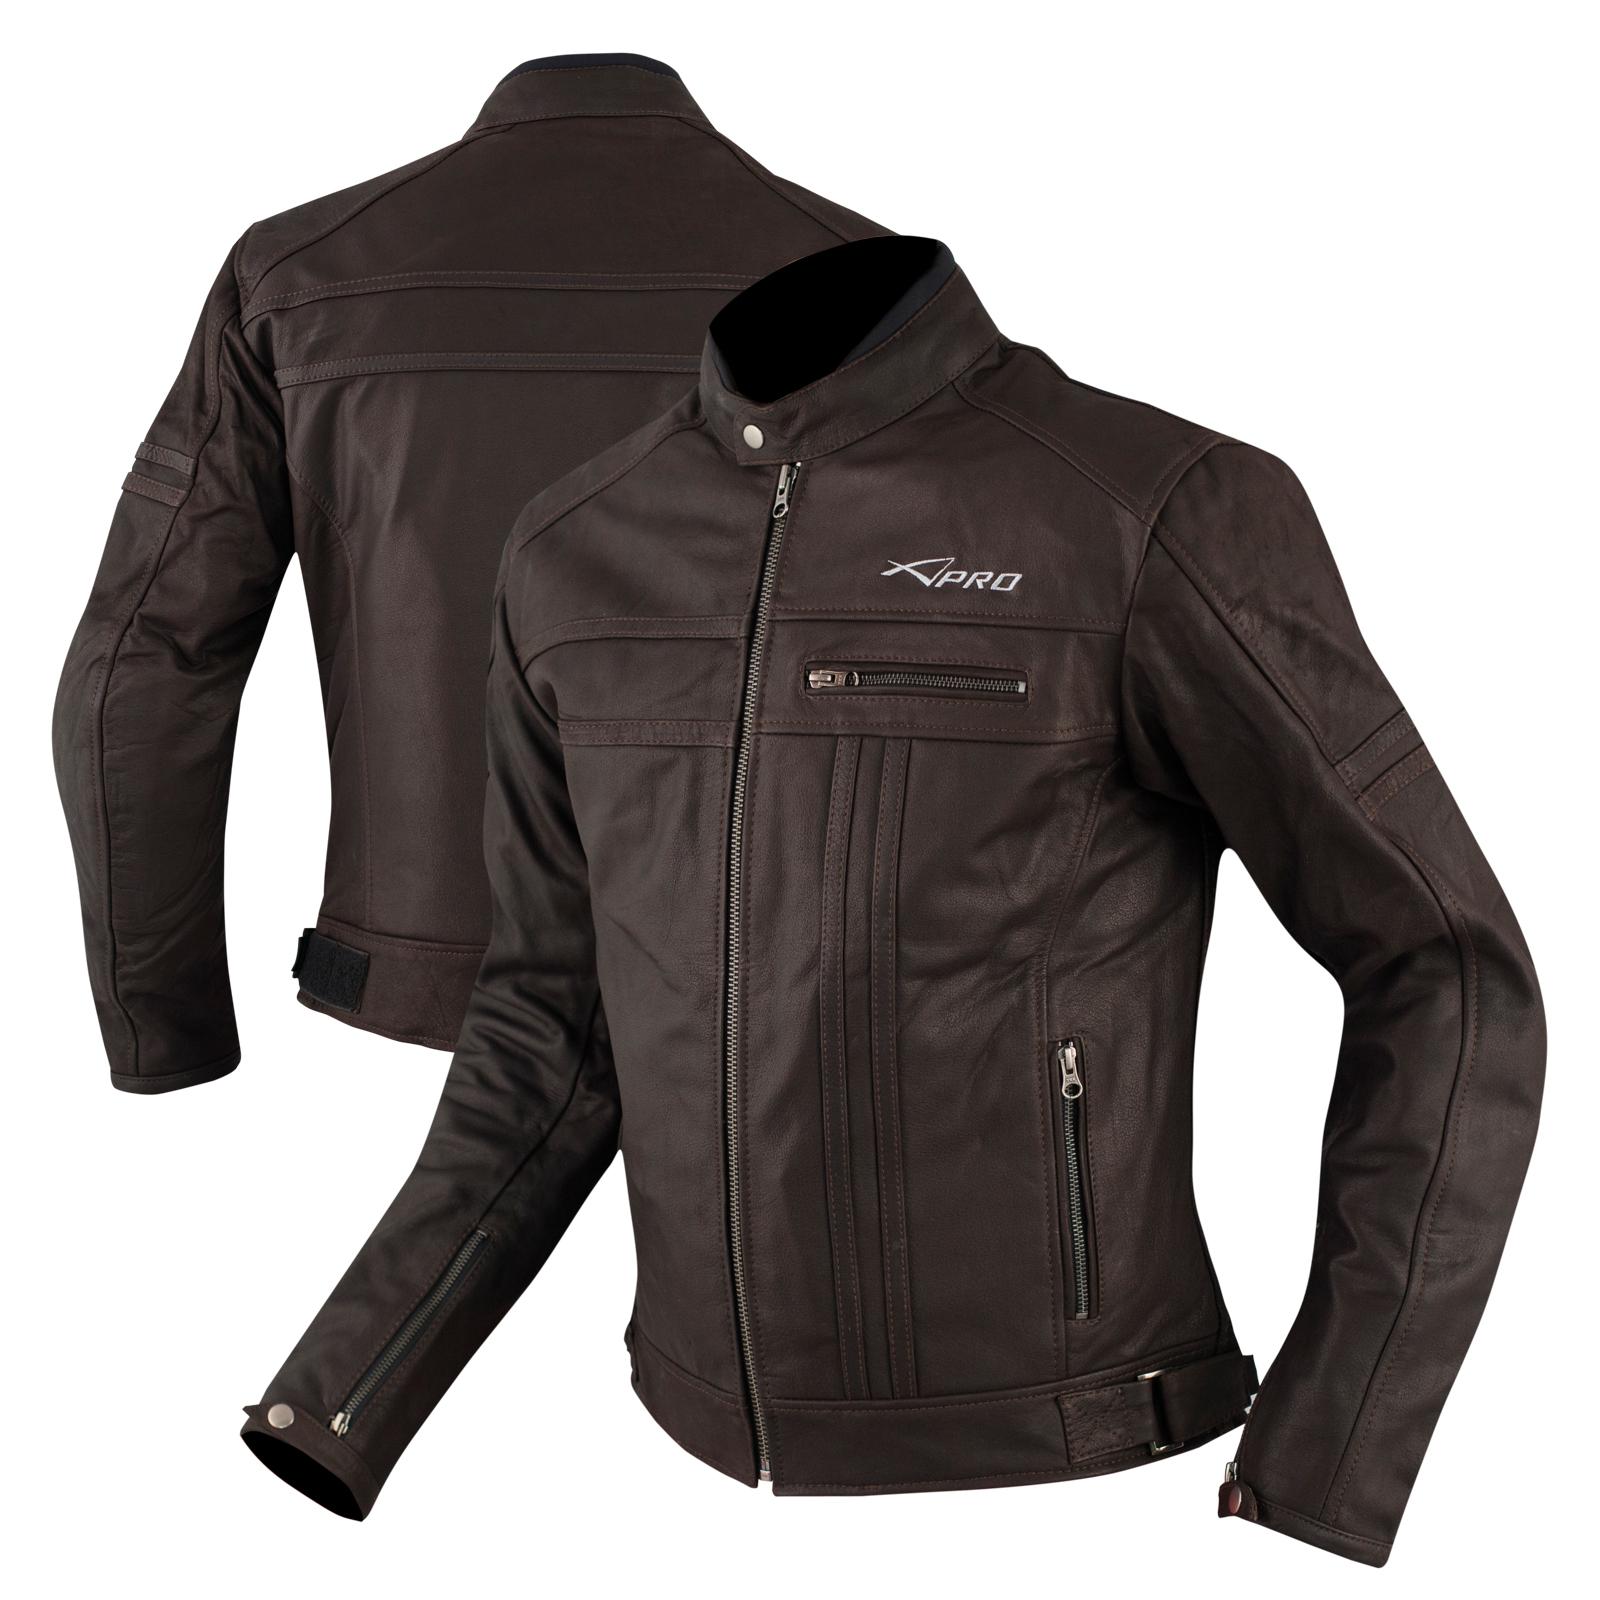 Chaqueta-Cuero-Termica-Extraible-Calidad-Motorista-Protecciones-CE